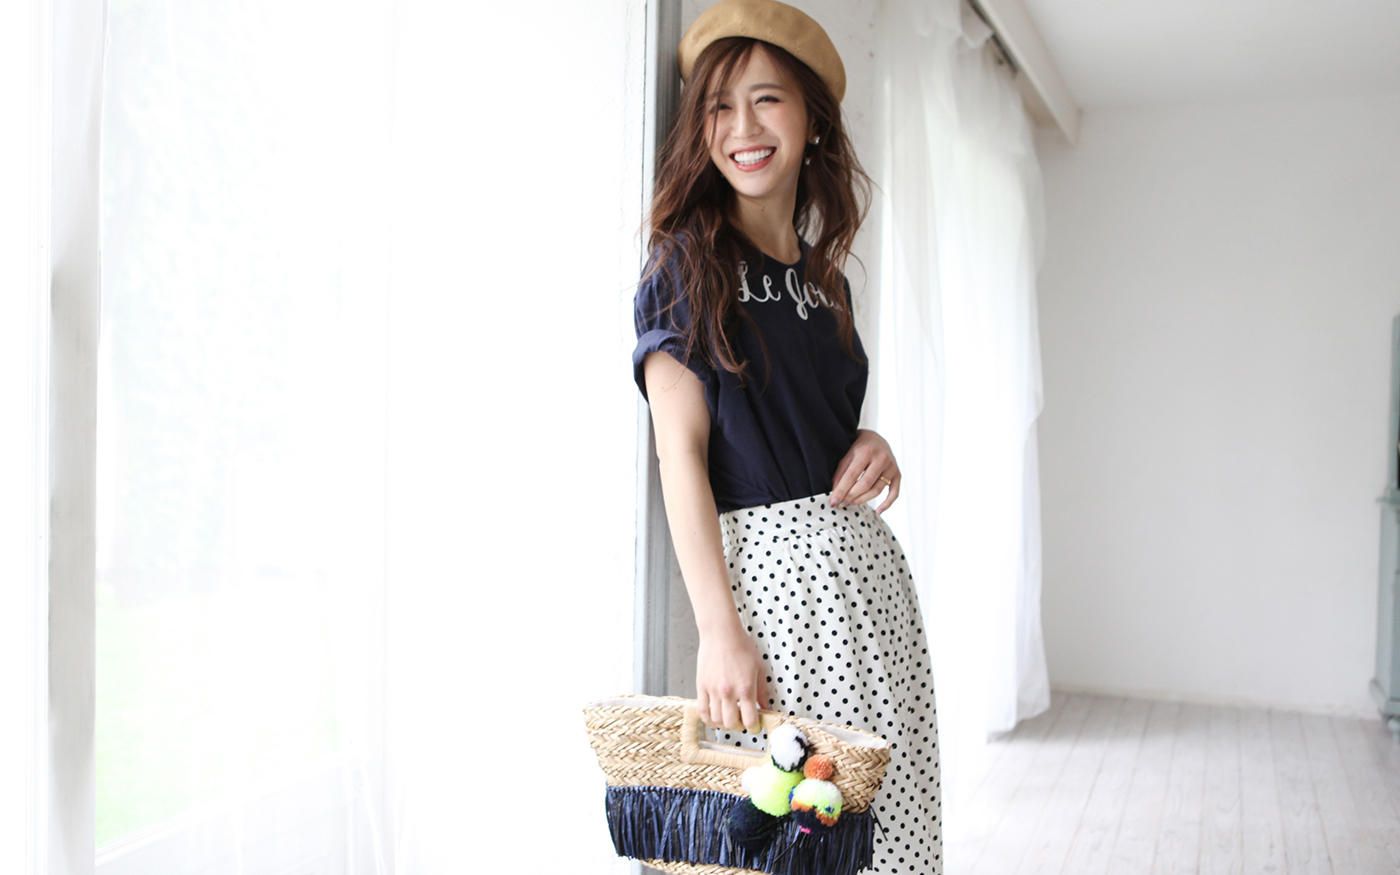 モデル丸山悠美さんと||ル ジュールがコラボ!||大人が着られるTシャツが完成